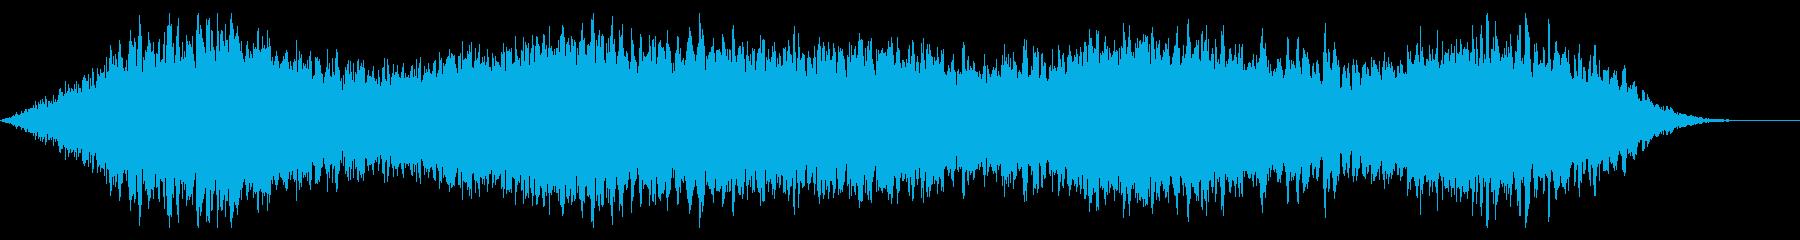 Dark_ホラーで怪しく神秘的-19_Sの再生済みの波形